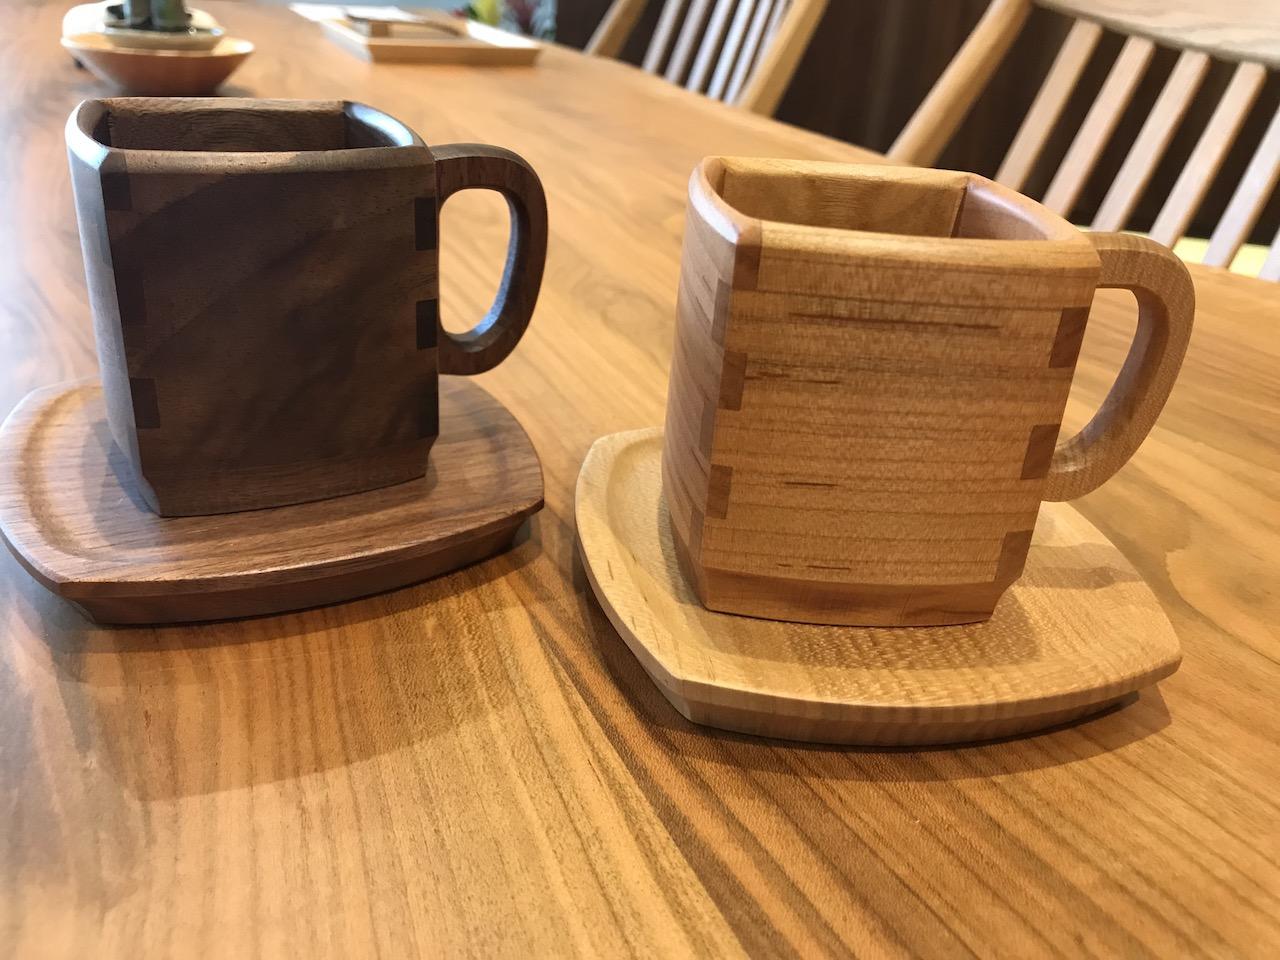 SWINGオリジナル 木のコーヒーカップ&ソーサー 再入荷しました